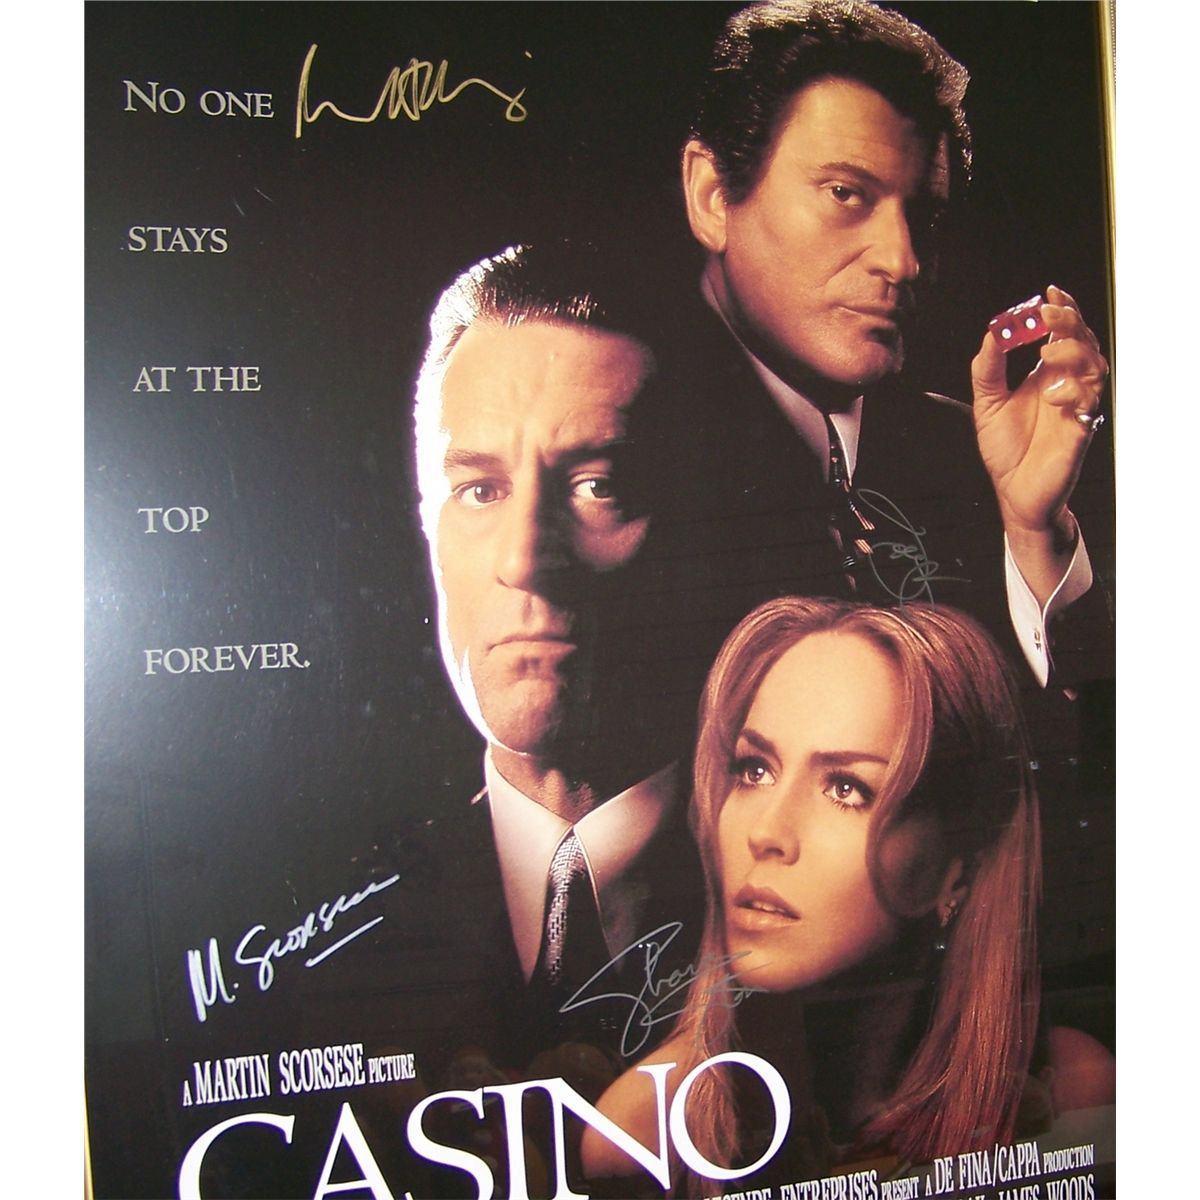 Martin Scorsese Casino Peliculas Carteleras De Cine Peliculas Cine